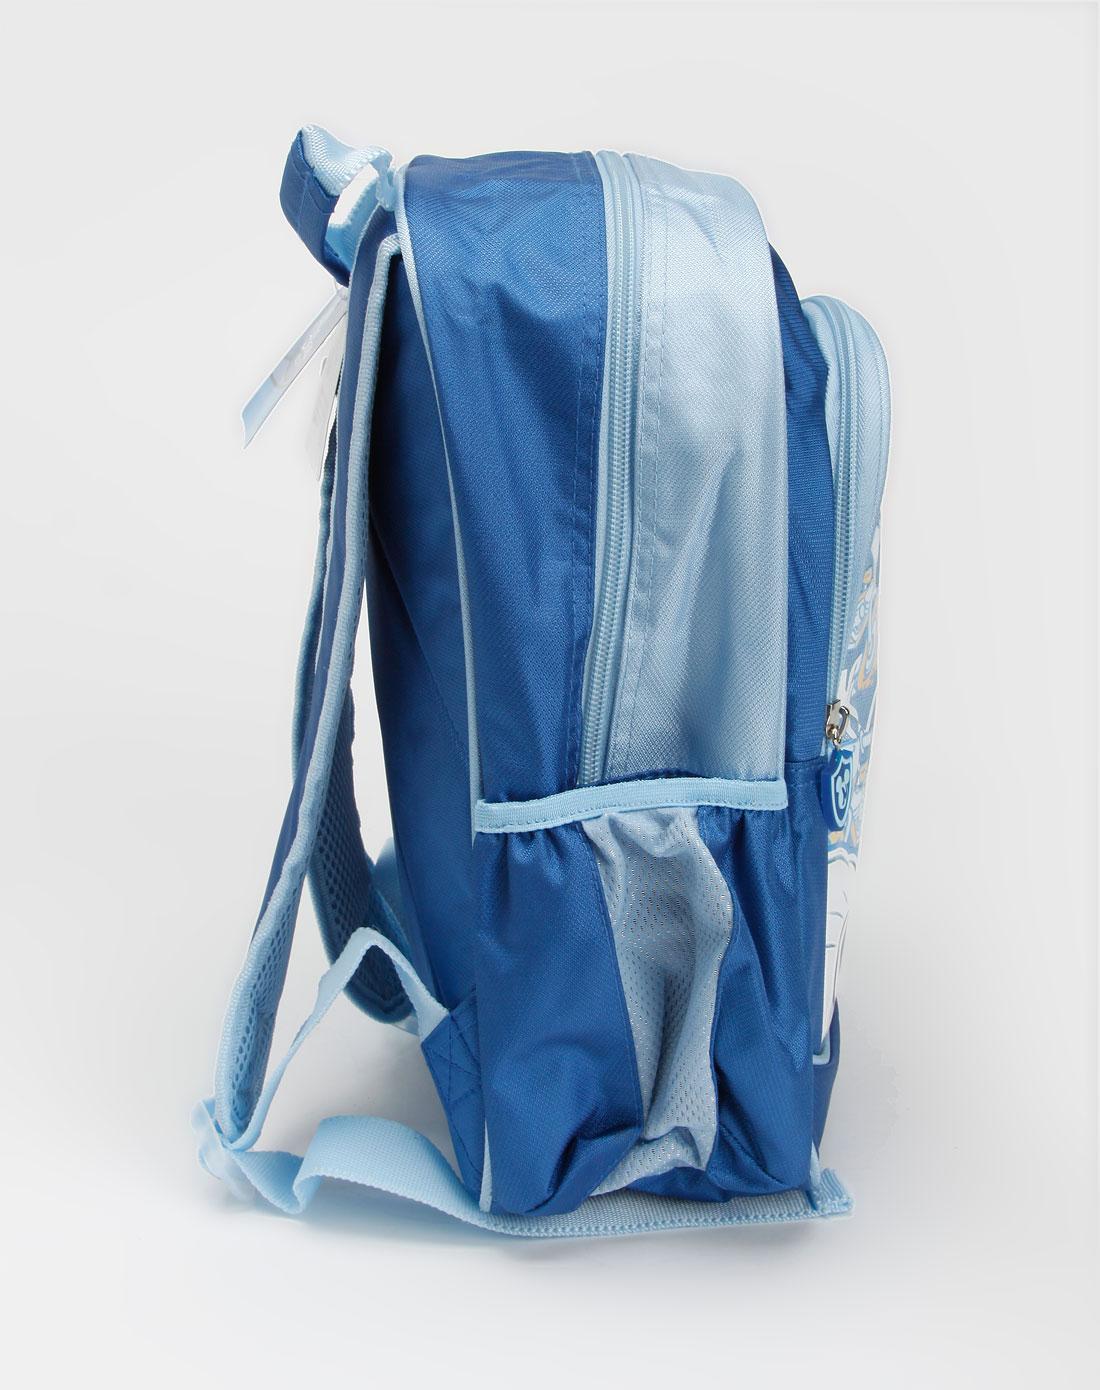 迪士尼disney-书包,蓝色可爱书包